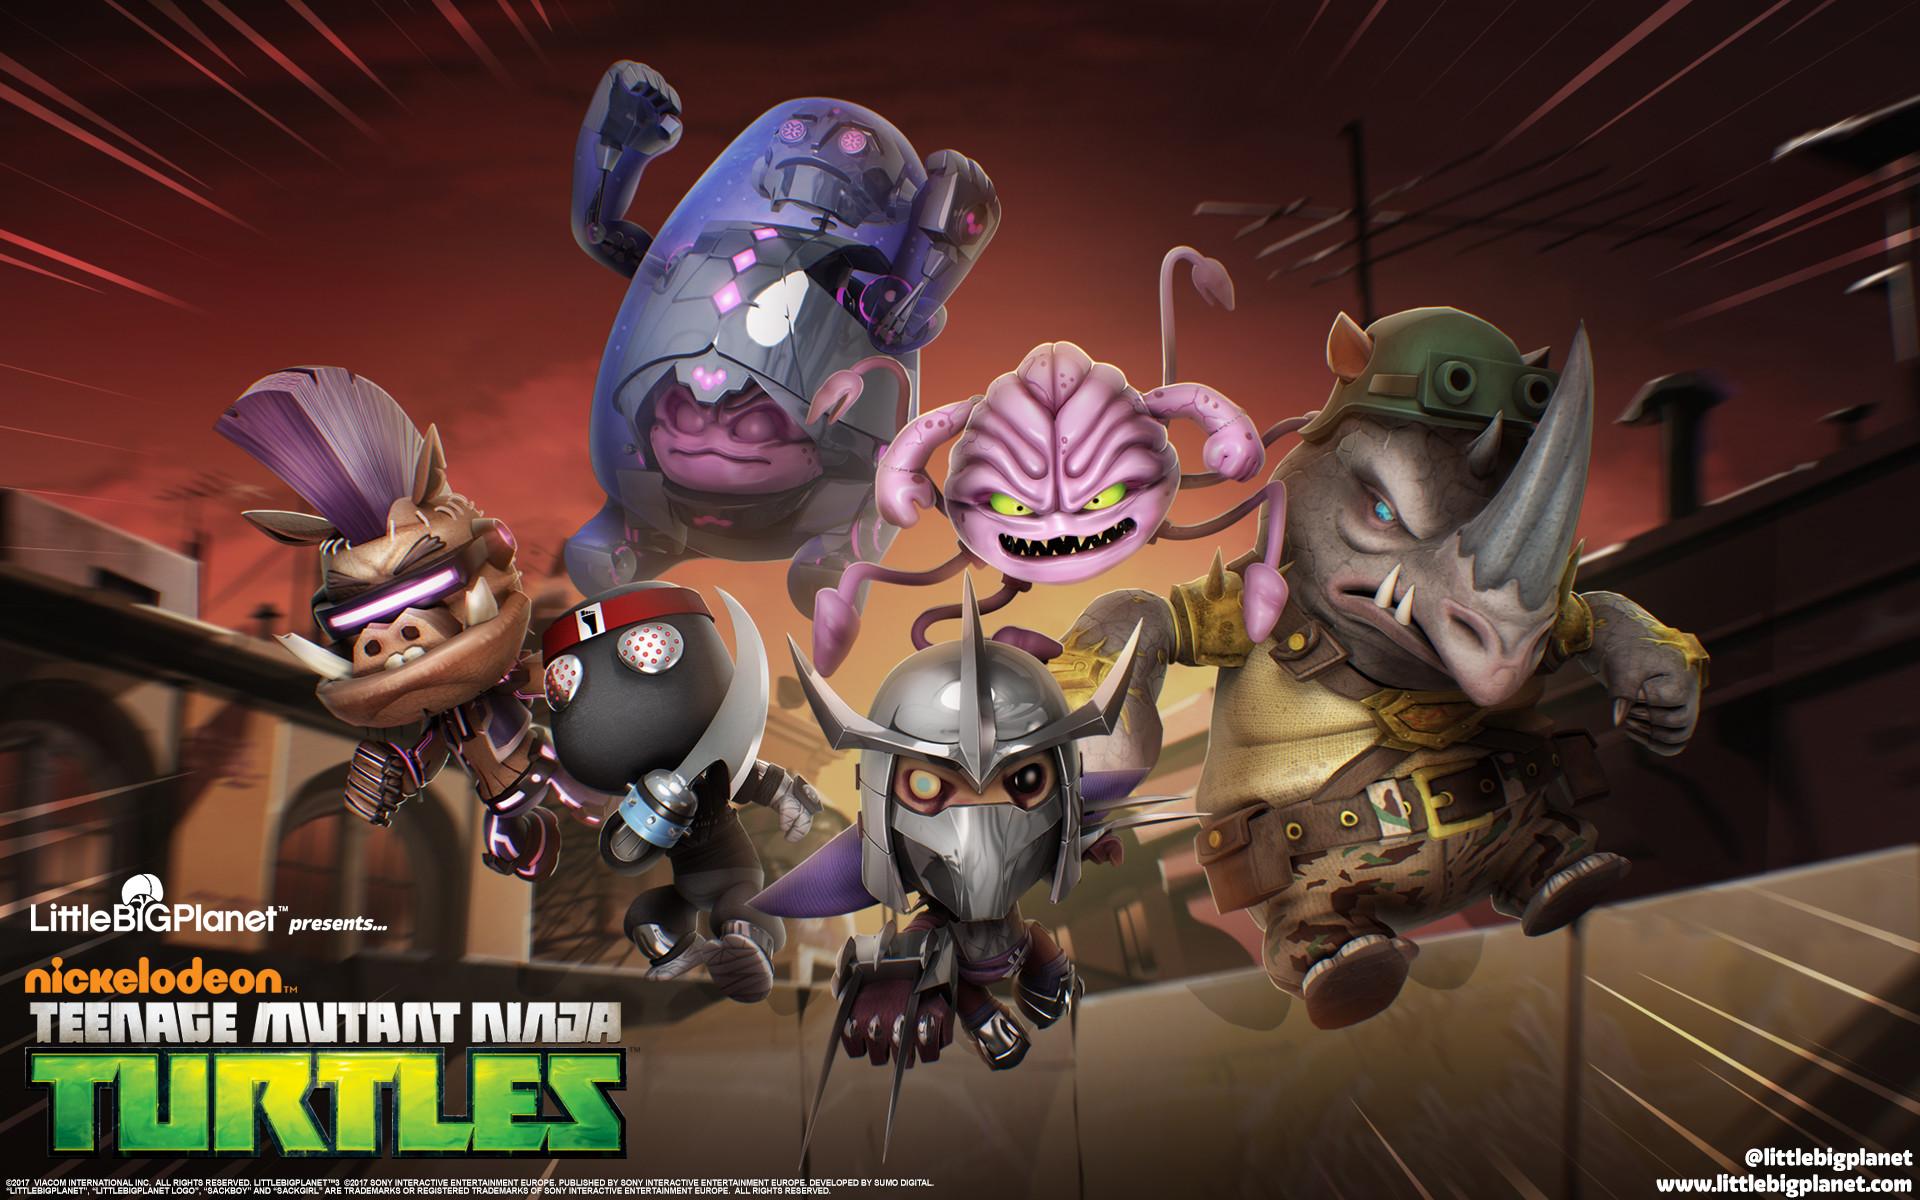 Monika mikucka teenage mutant ninja turtles villains red 16 10